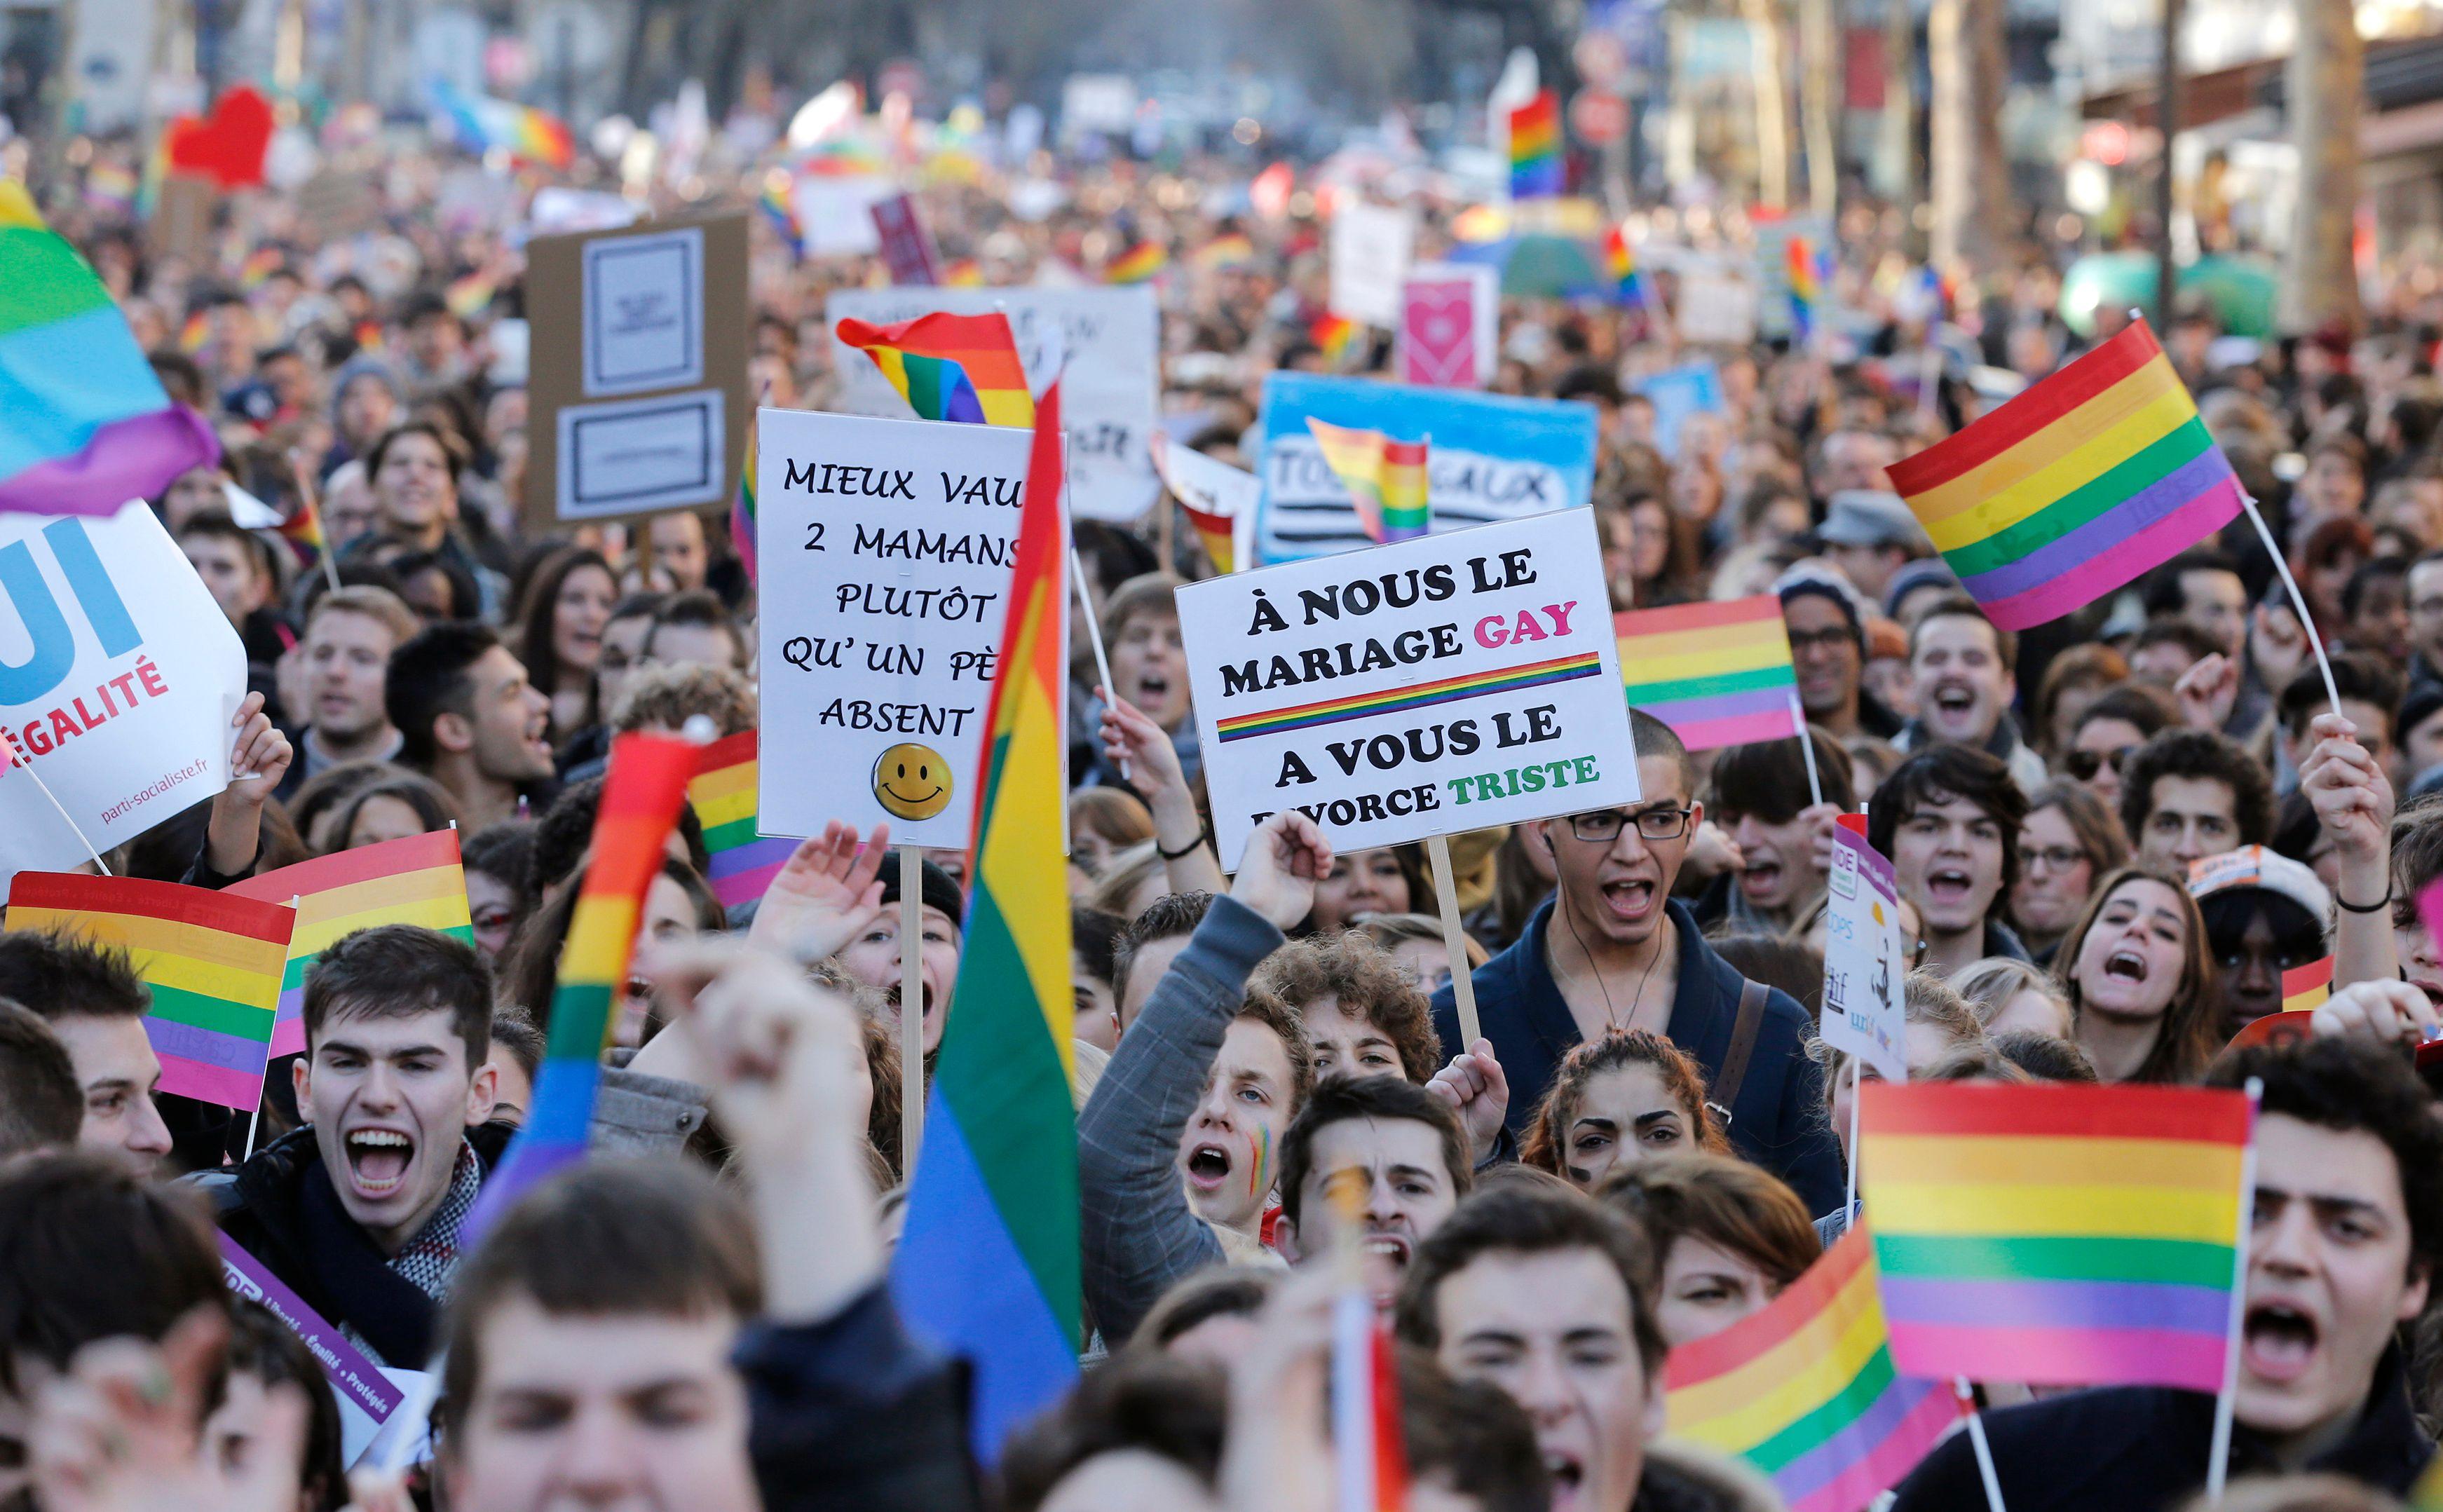 Dimanche, entre 125 000 et 400 000 partisans du mariage pour tous ont défilé dans les rues de Paris.